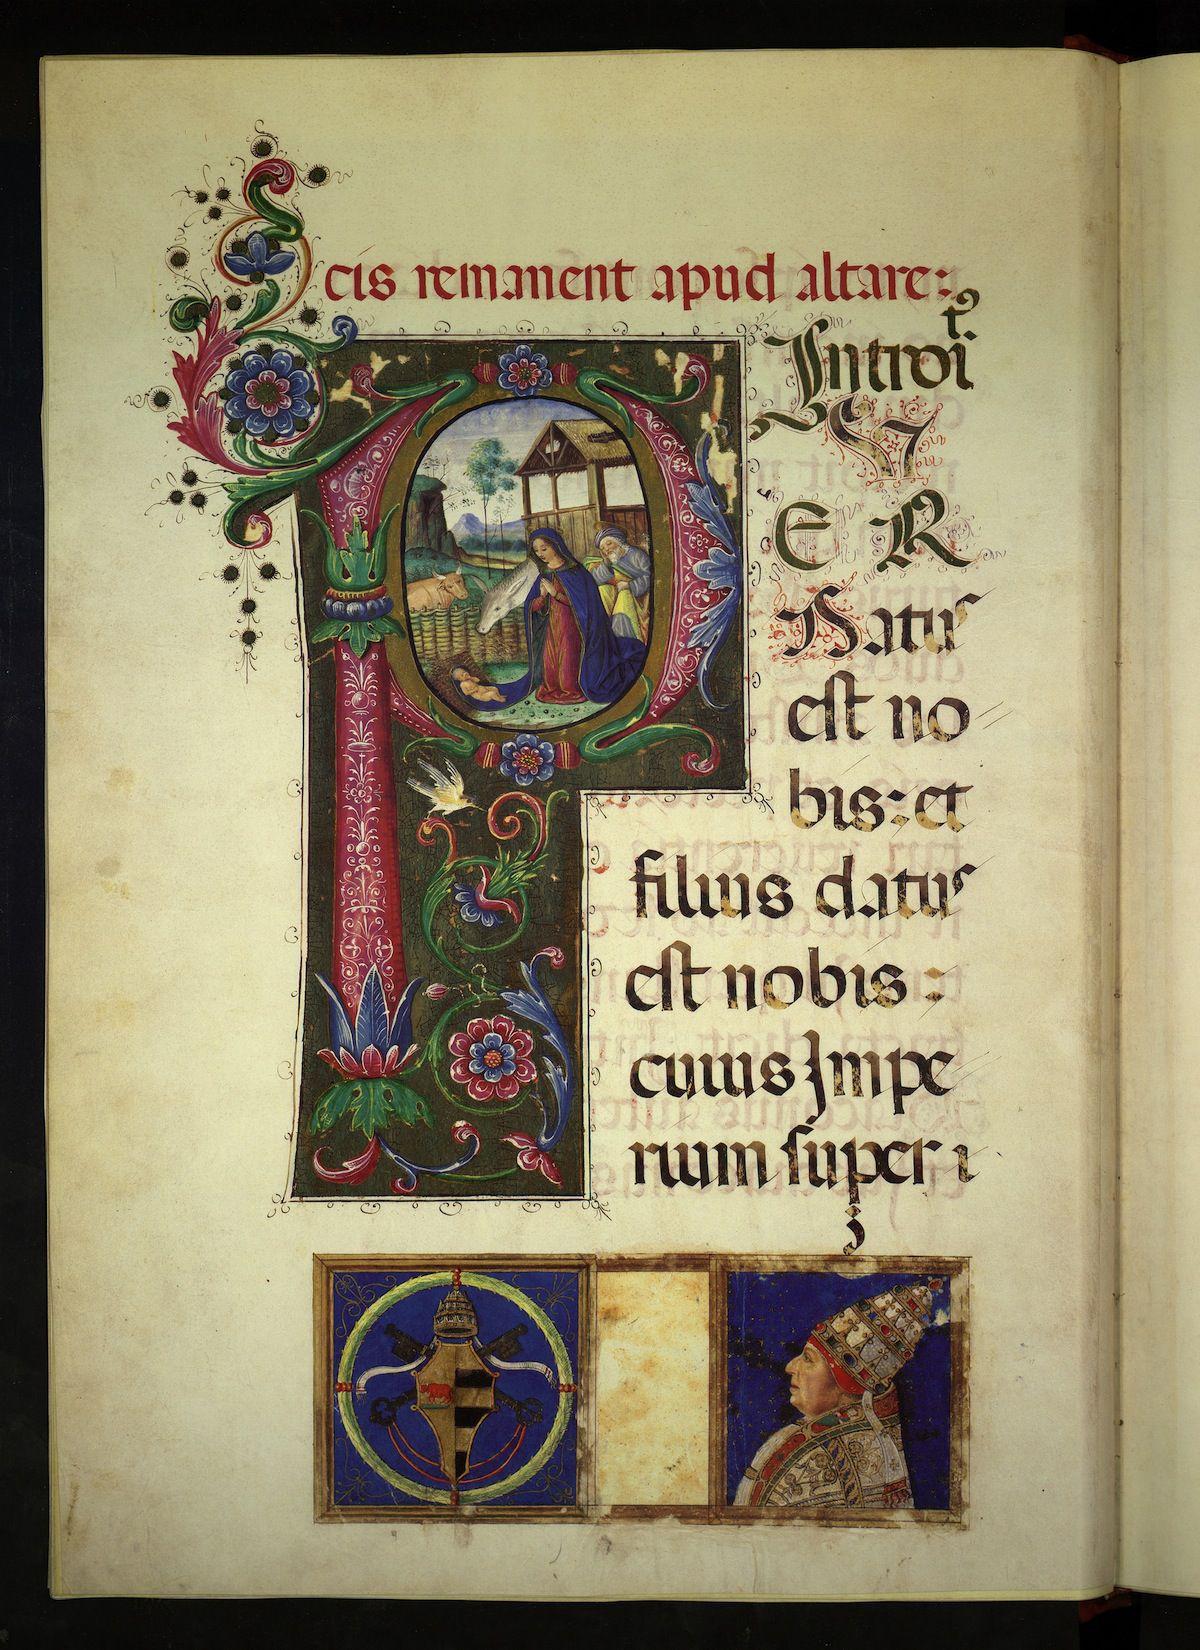 Missale pontificis in Nativitate Domini, 2 vol. (edició facsímil i estudi introductori), València: Edicions Tres i Quatre, 2011.